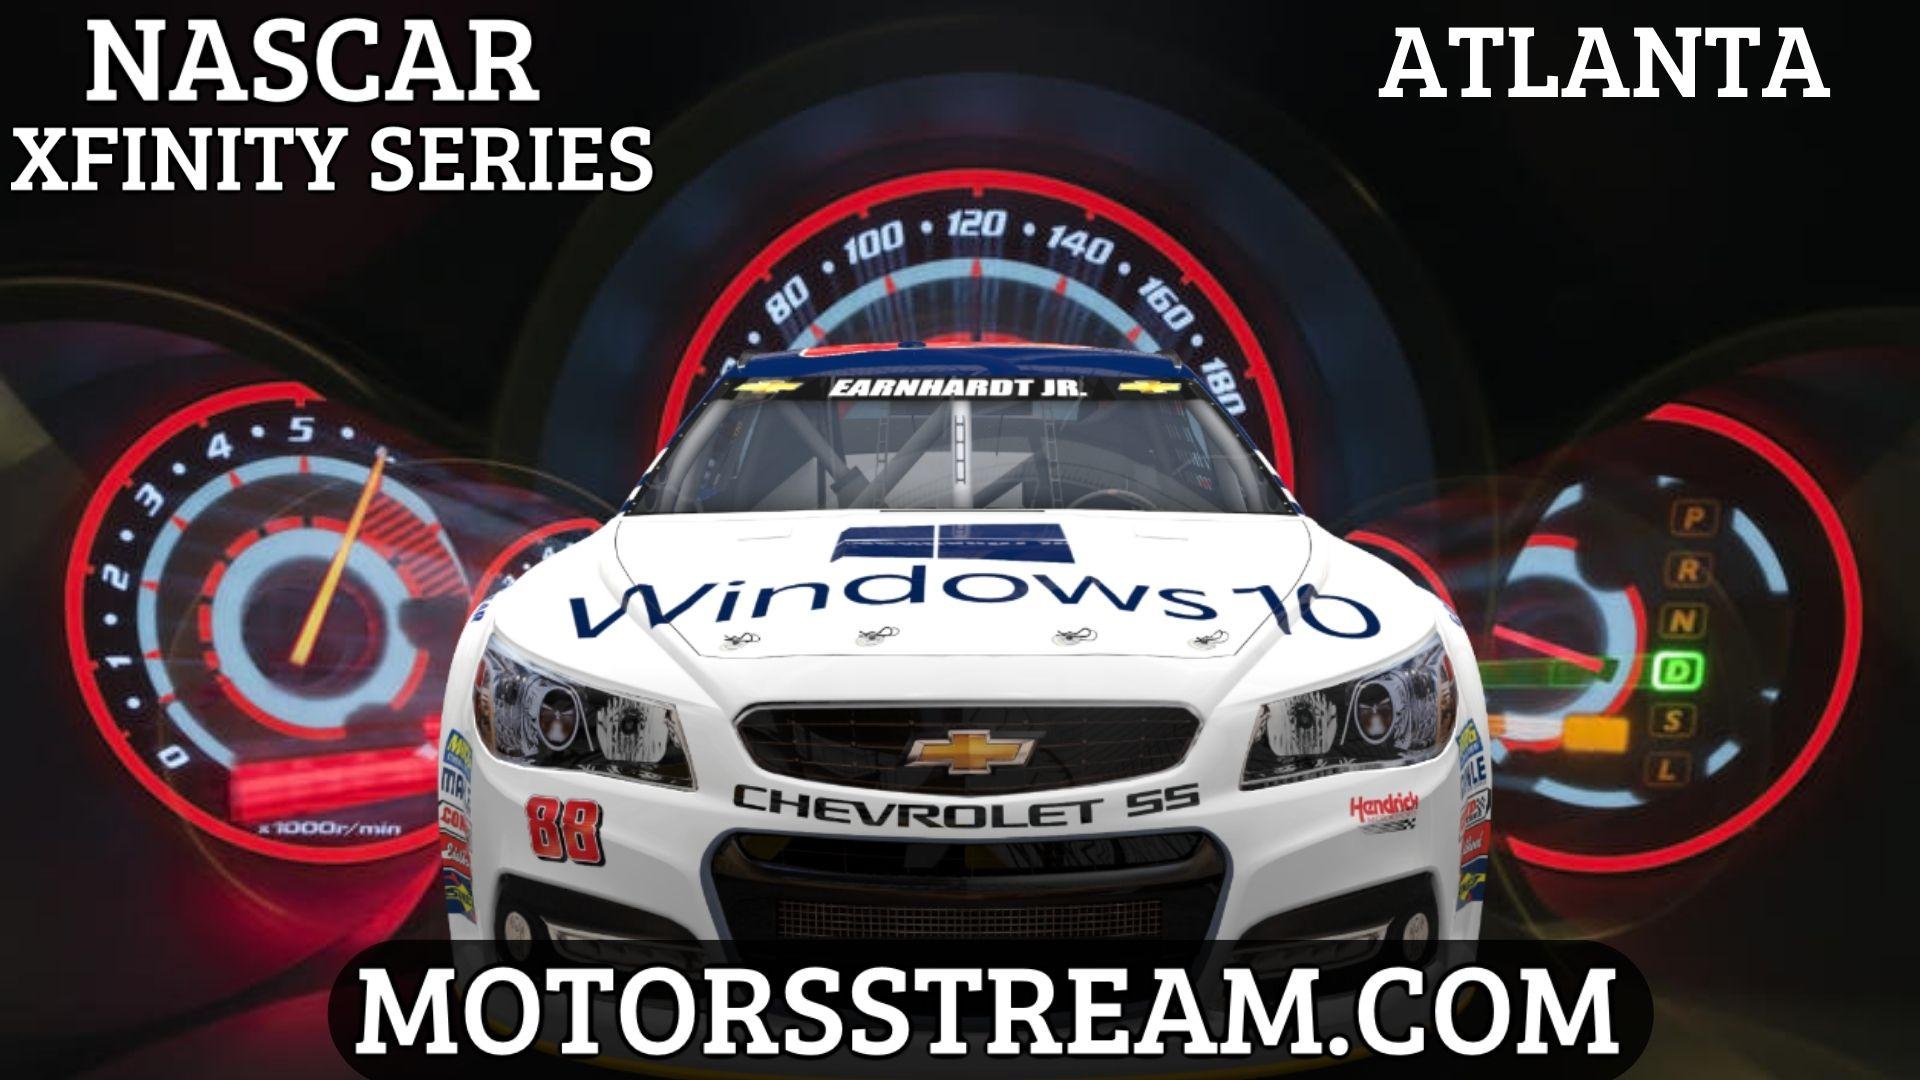 NASCAR Xfinity Series Race At Atlanta Live Stream   Atlanta 2021